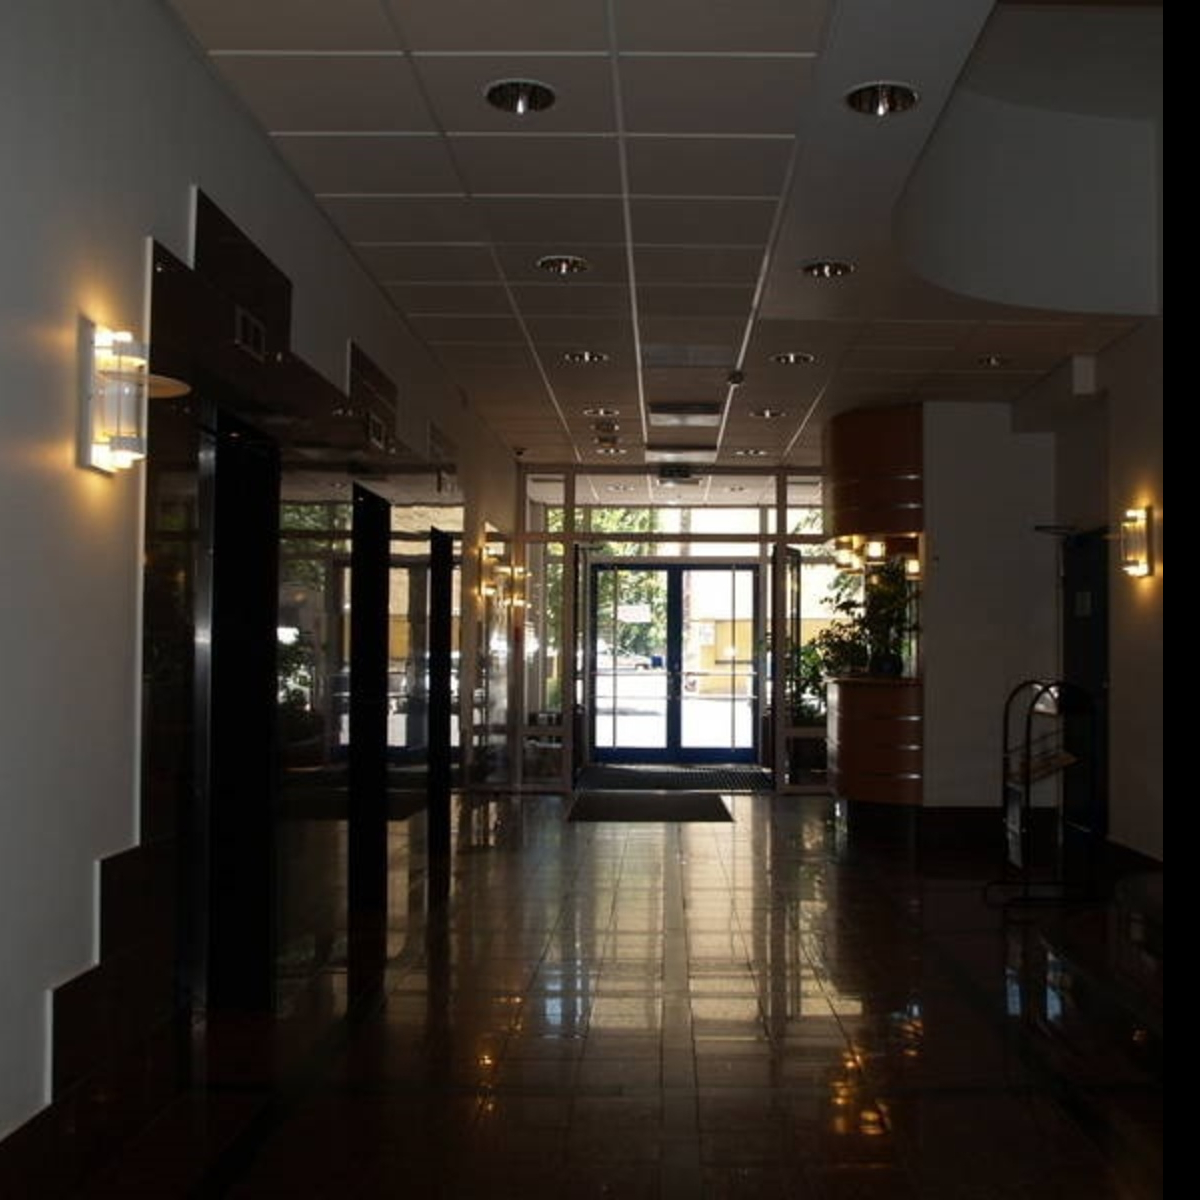 Kiadó  irodaházban A, A+ kat. (Budapest, XII. kerületBudapest, XII. kerület, Maros u.) 348,75 E  Ft/hó +ÁFA